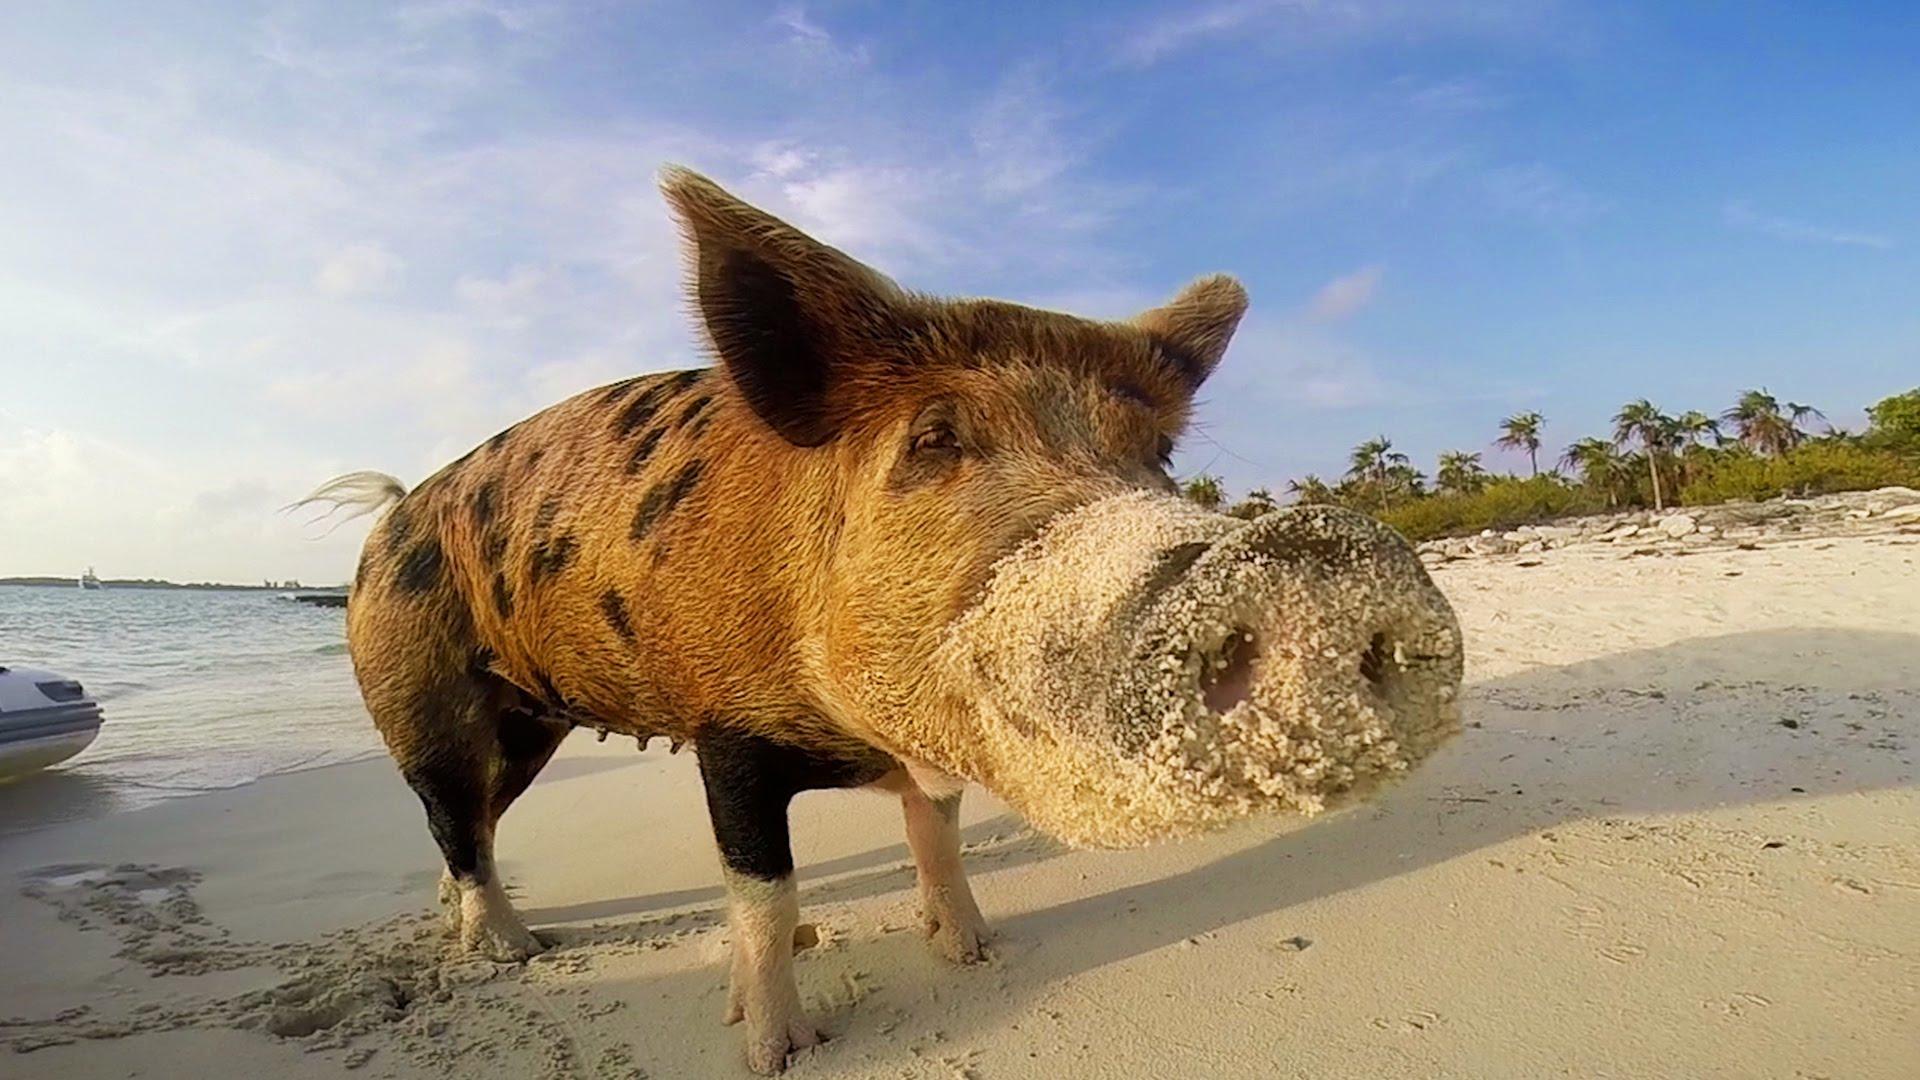 maxresdefaultZS2F6YH6 Pig Beach, eine Insel der Bahamas, die von schwimmenden Schweinen bewohnt wird